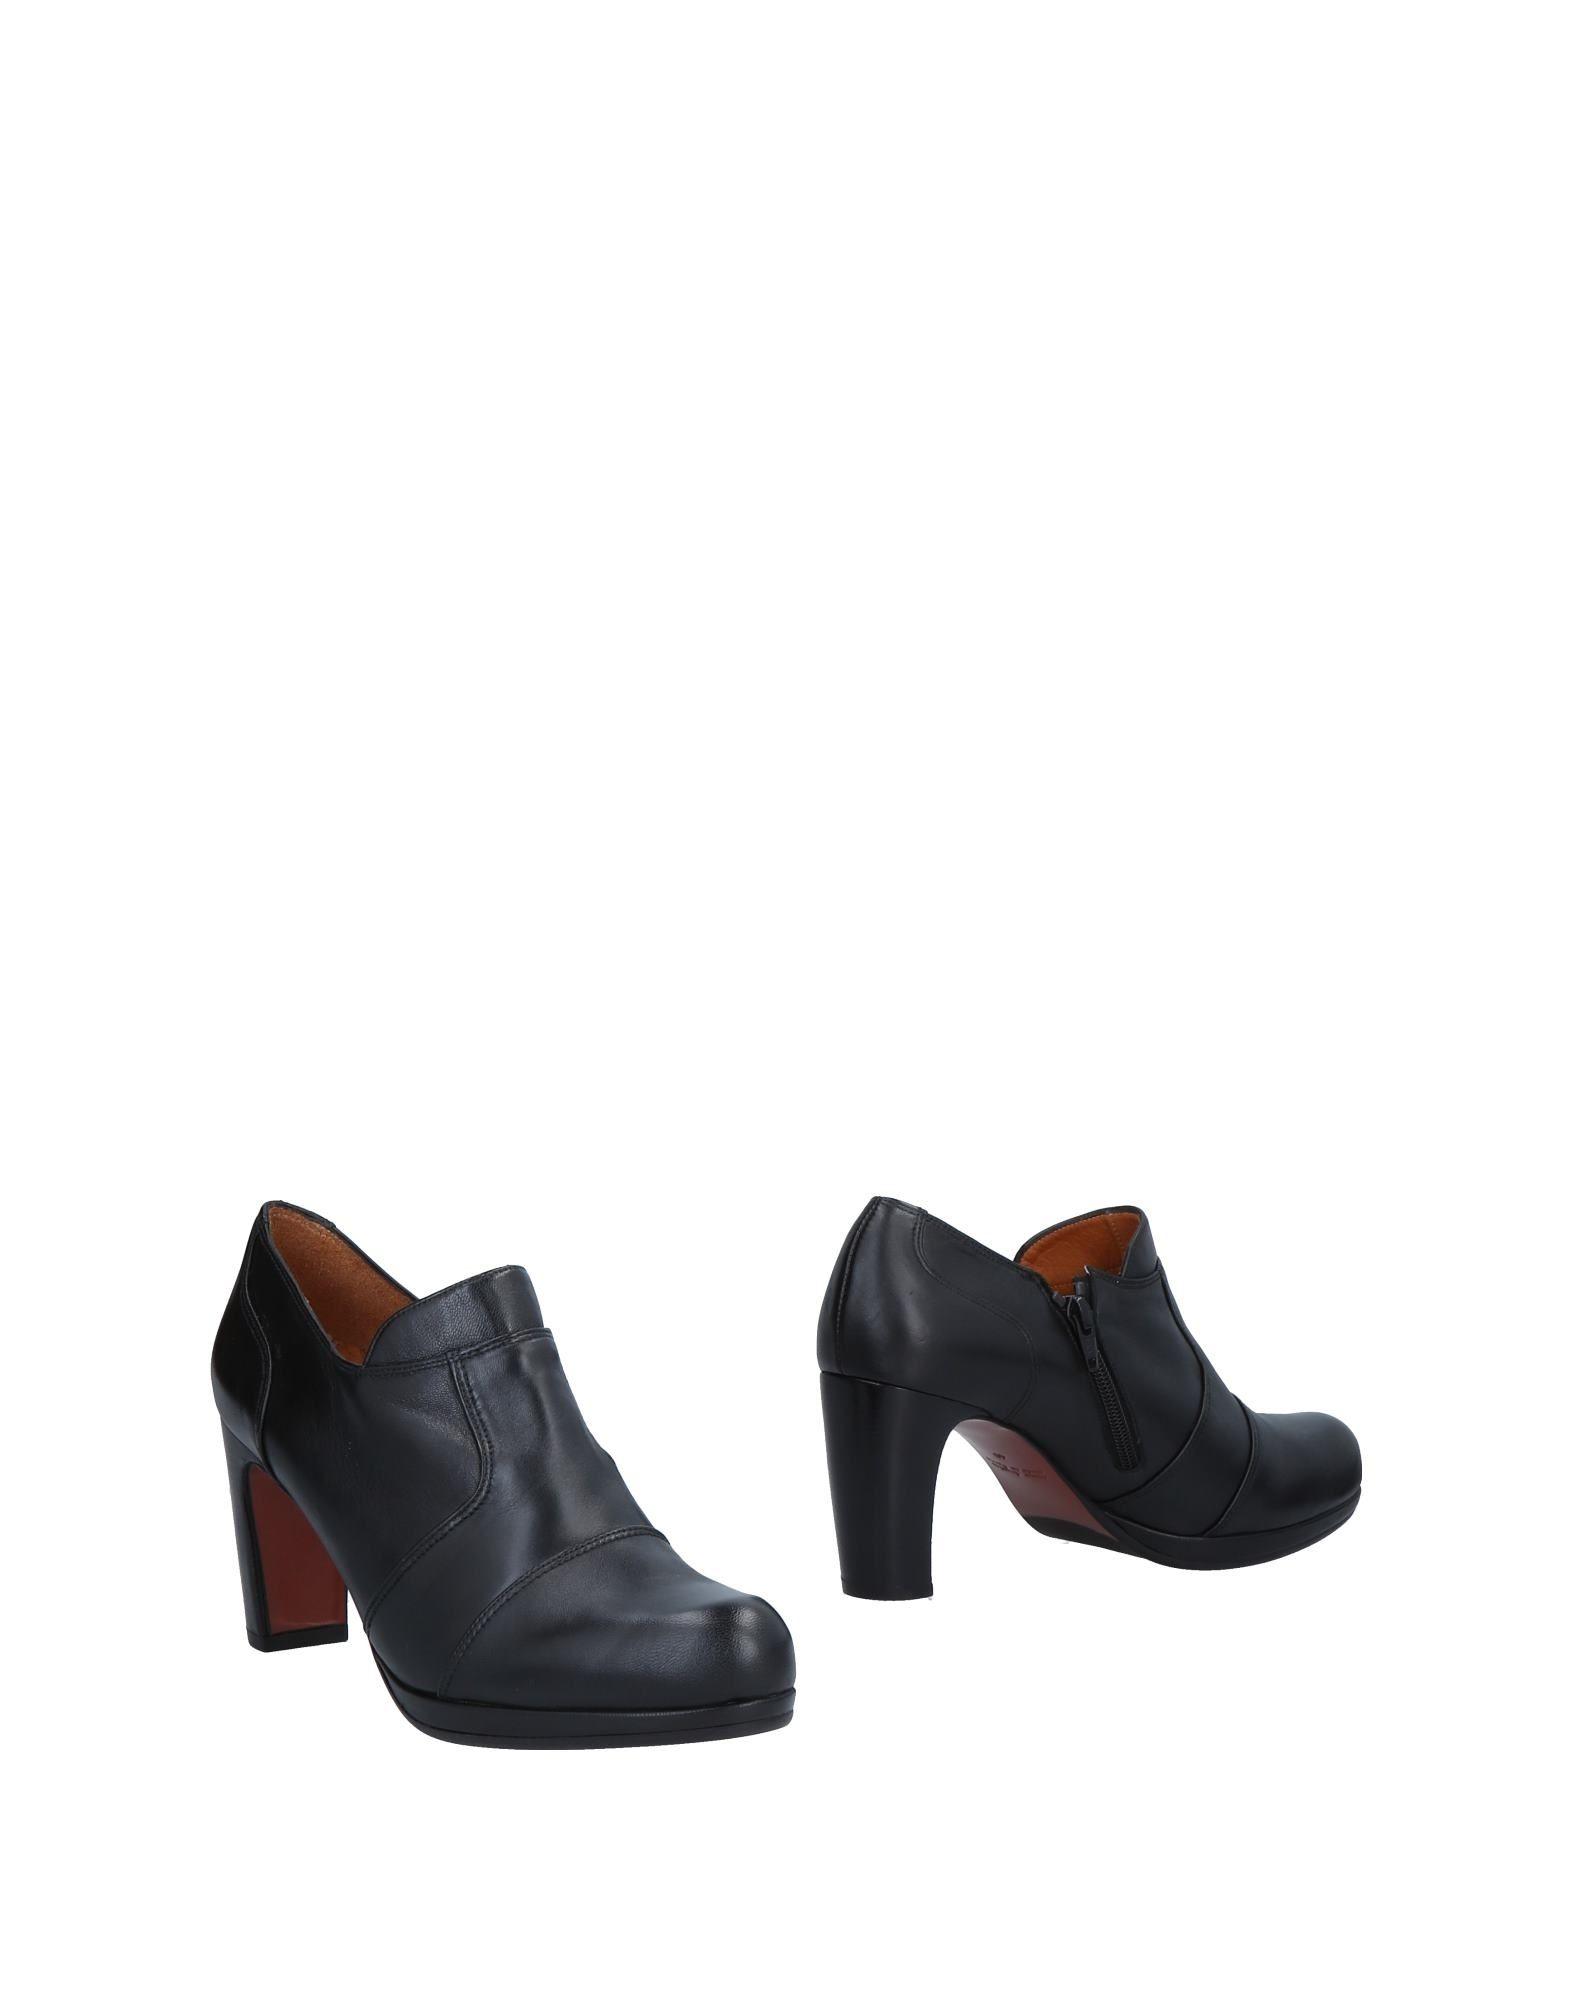 Stilvolle billige Schuhe Chie 11497492VK Mihara Stiefelette Damen  11497492VK Chie 4ecede